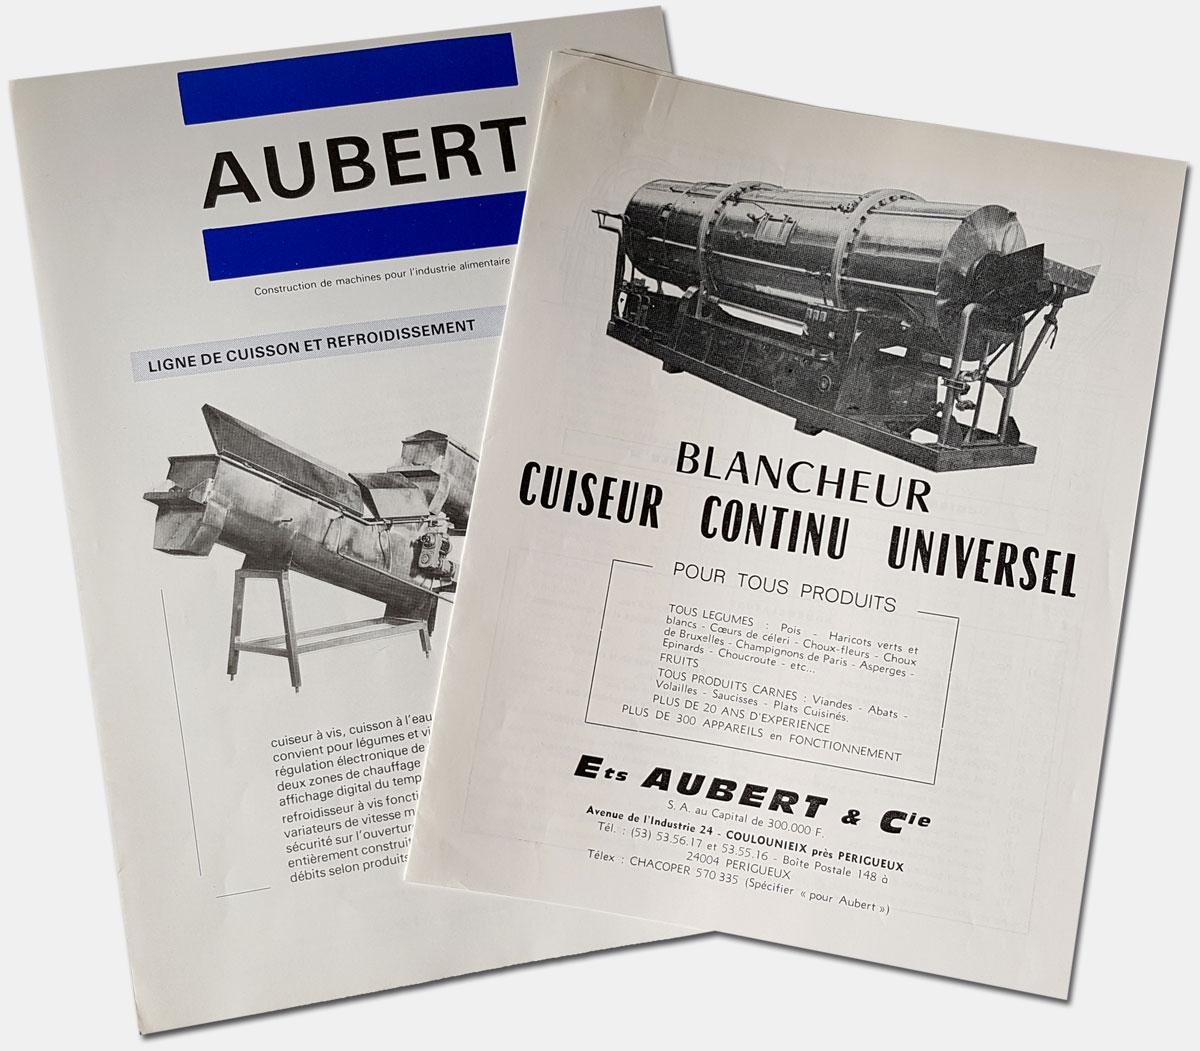 Etablissements Aubert et compagnie - Fabricant de machines et d'équipements pour l'agroalimentaire